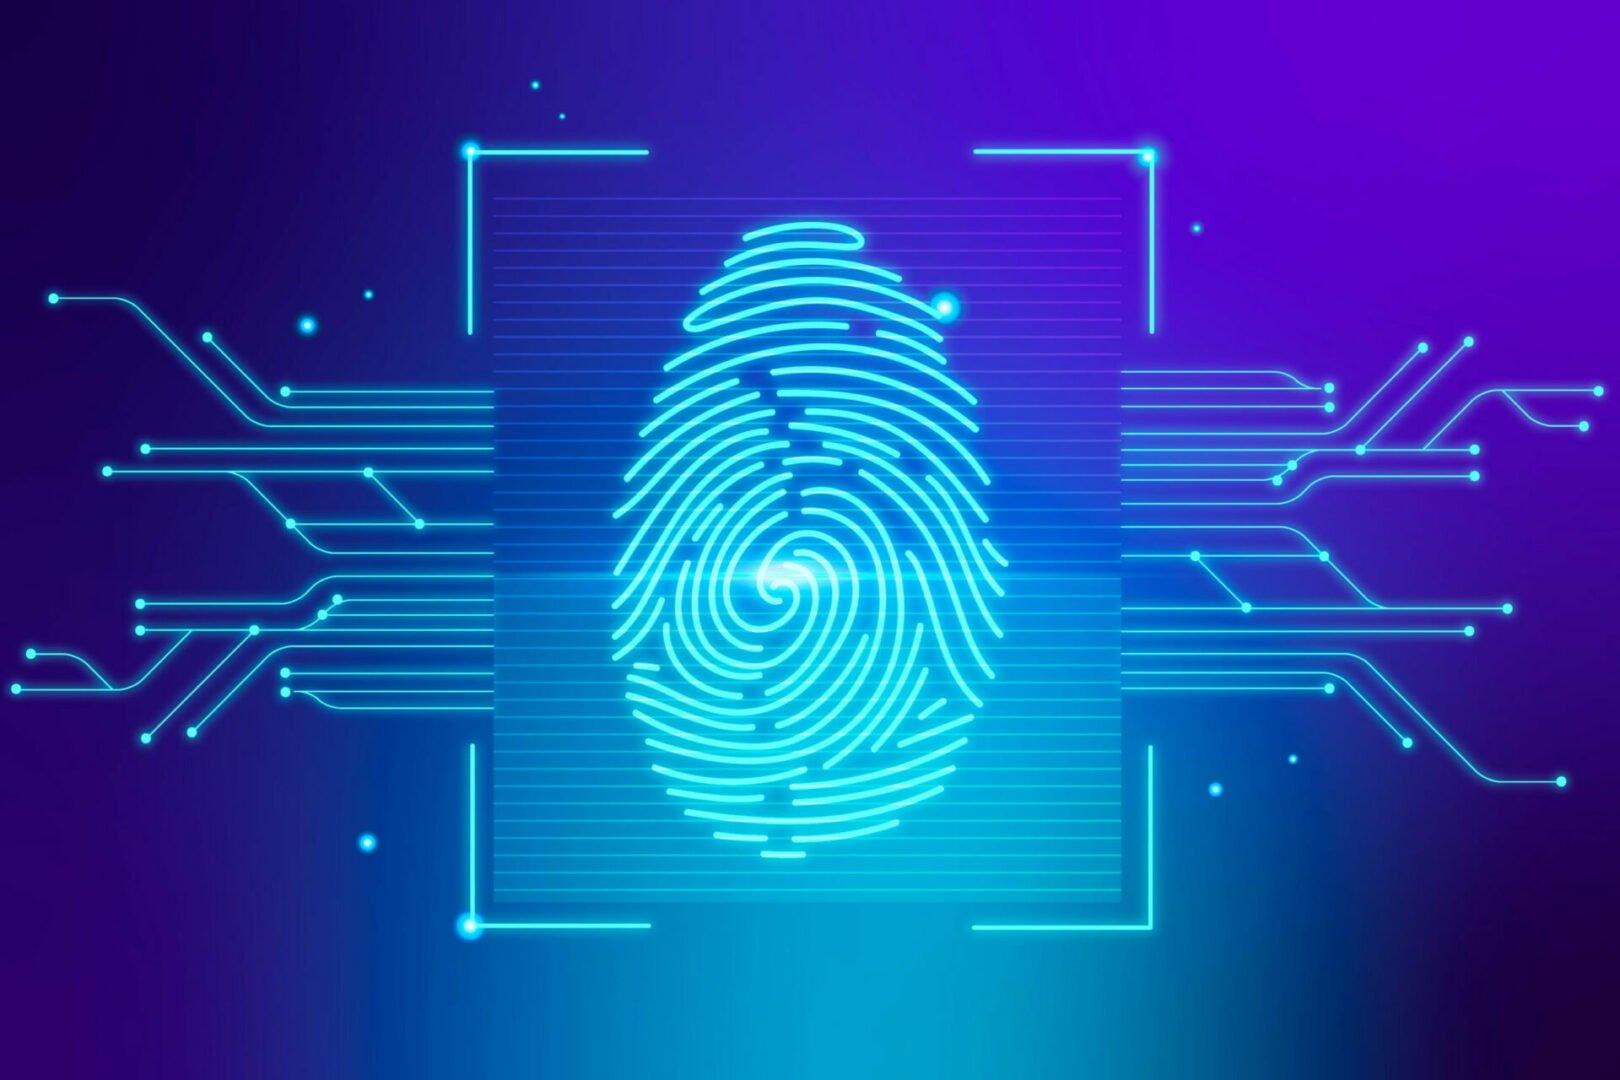 Informationssicherheitsmanagement: Mit Informationssicherheit und Datenschutz positive Synergiepotenziale nutzen!